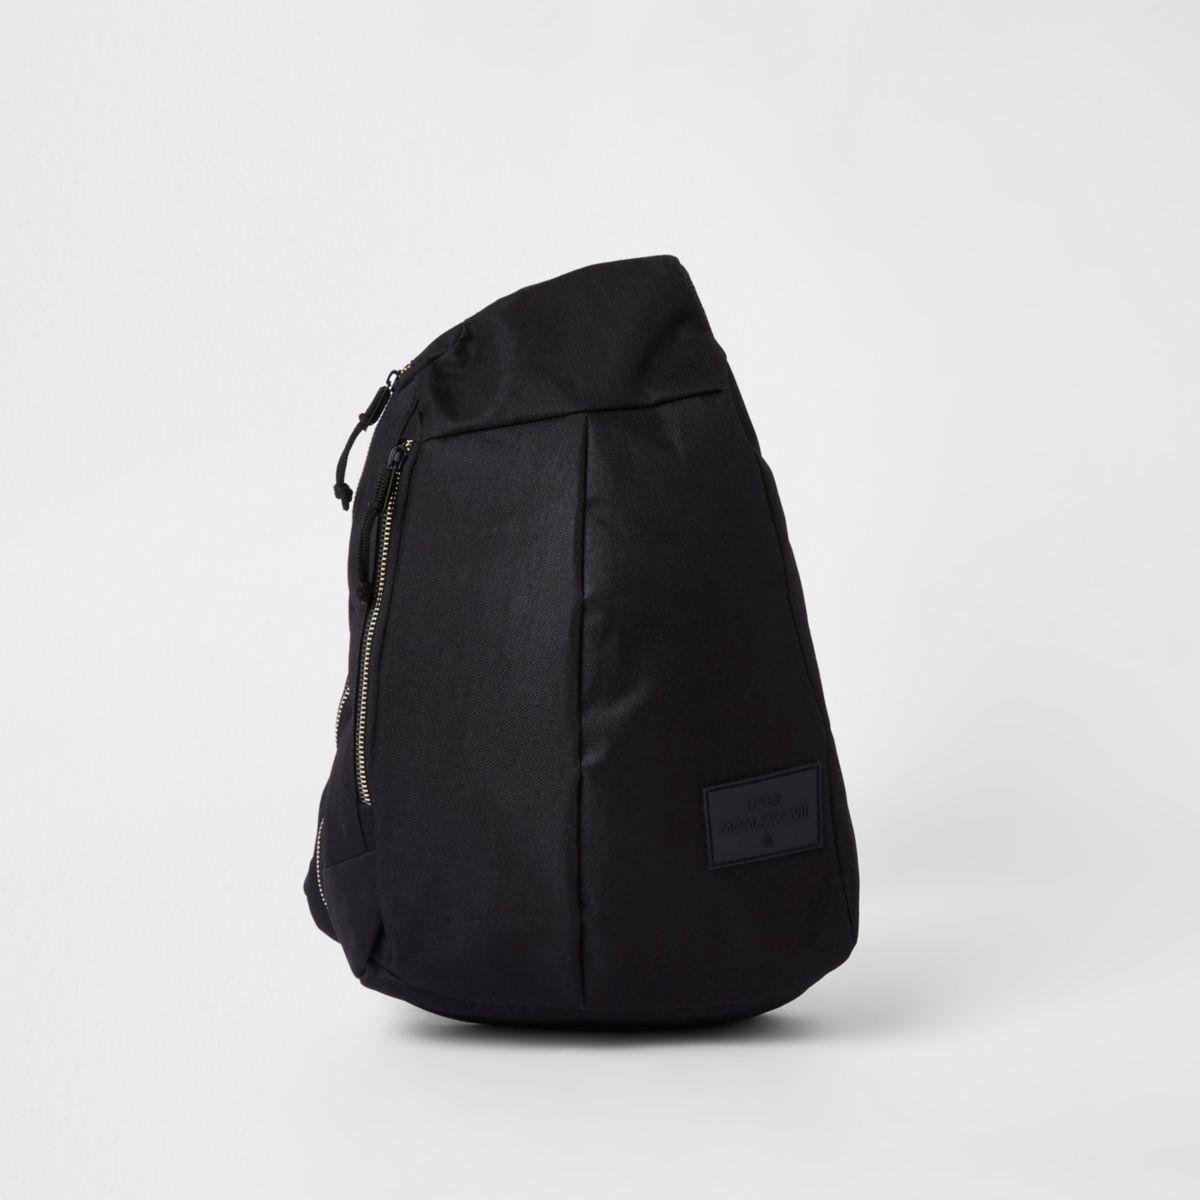 Black single strap zip-up backpack